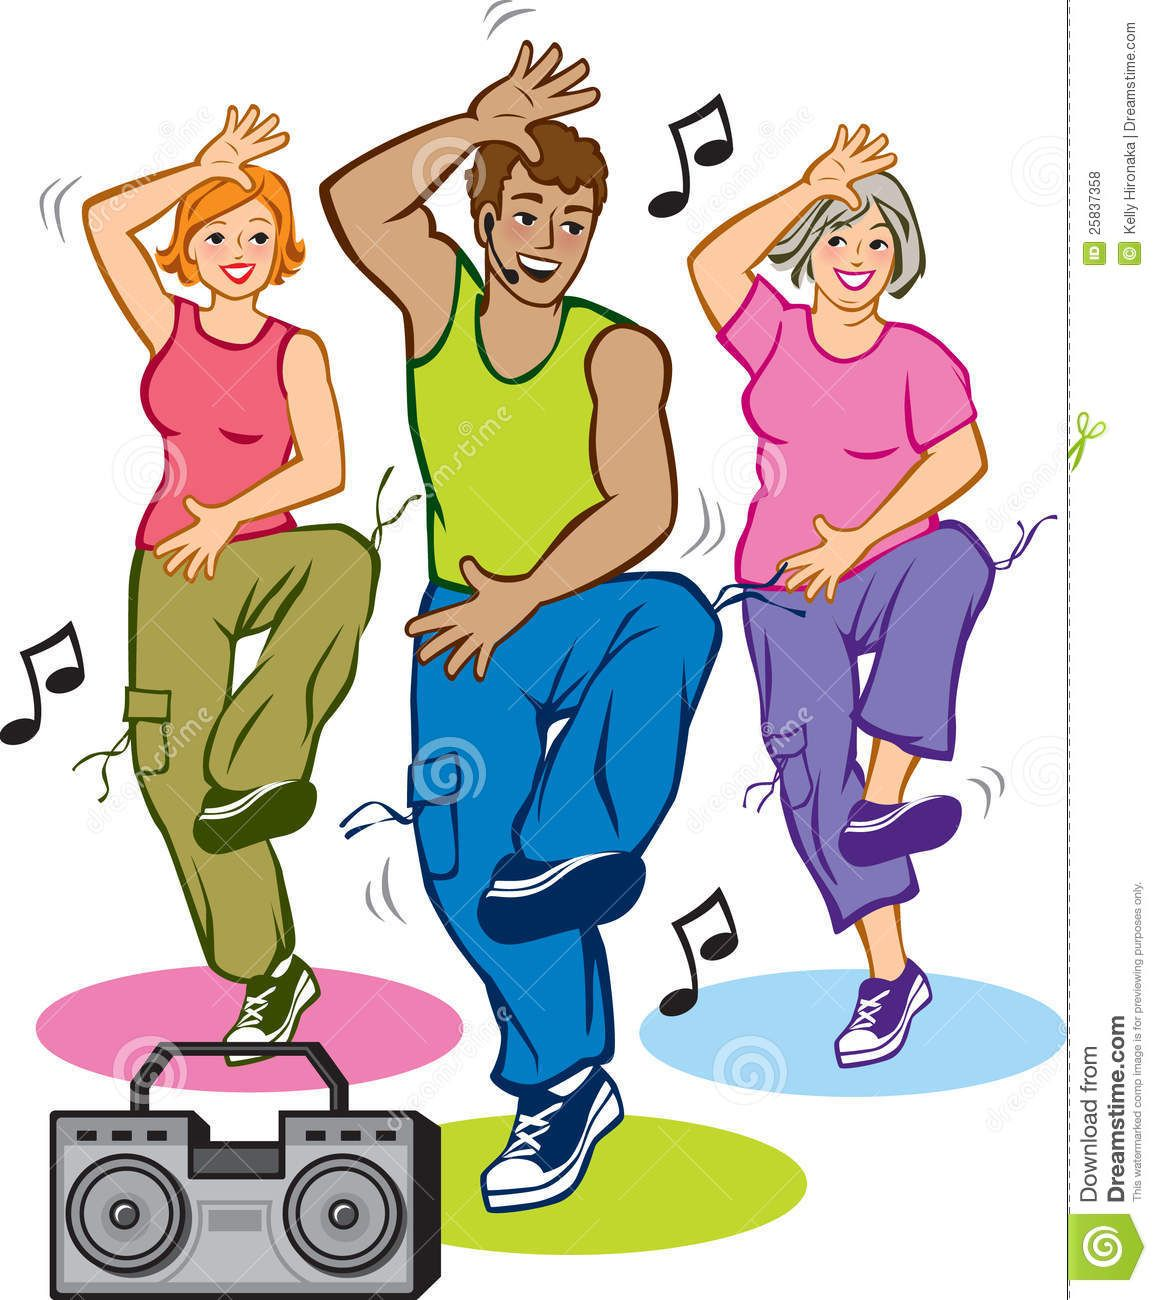 Exercising clipart fitness program. Danse vector illustration of